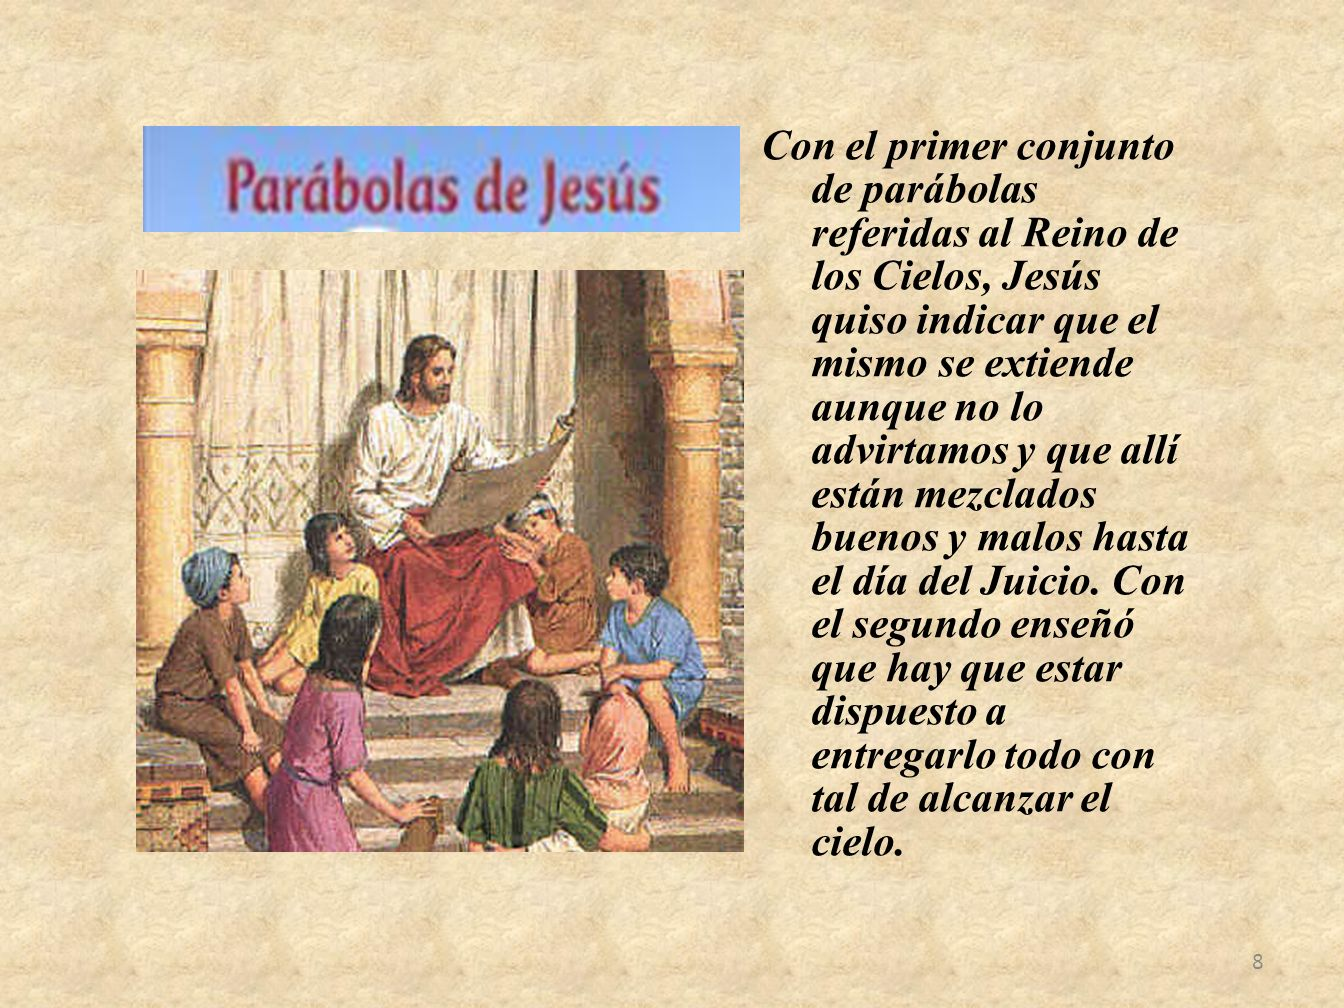 Con el primer conjunto de parábolas referidas al Reino de los Cielos, Jesús quiso indicar que el mismo se extiende aunque no lo advirtamos y que allí están mezclados buenos y malos hasta el día del Juicio.